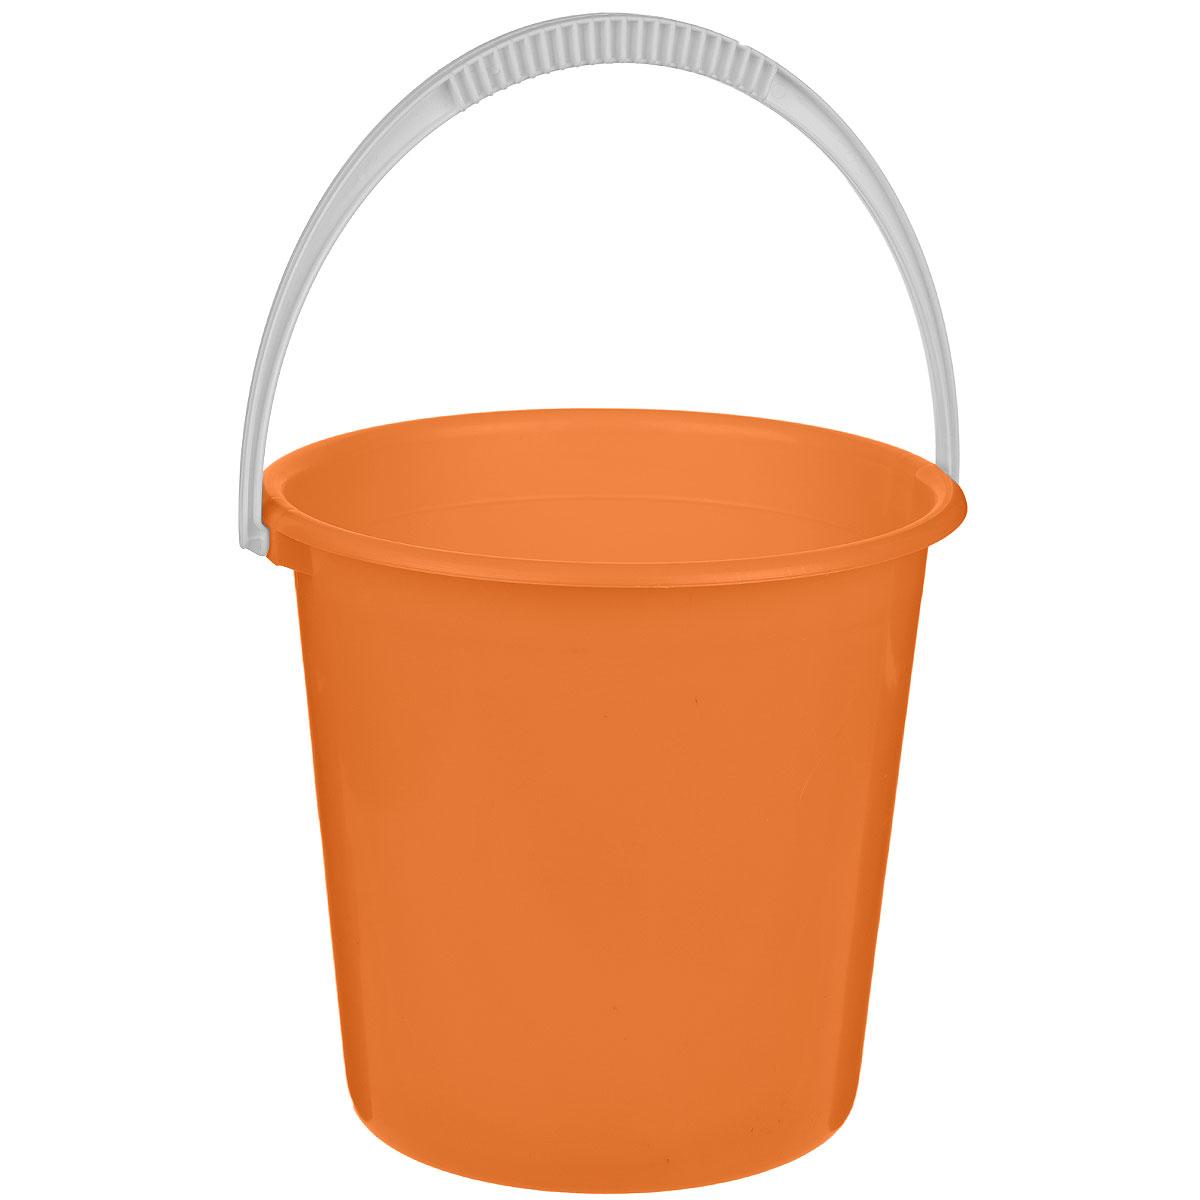 Ведро Альтернатива Крепыш, цвет: оранжевый, 10 лPANTERA SPX-2RSВедро Альтернатива Крепыш изготовлено из высококачественного одноцветного пластика. Оно легче железного и не подвержено коррозии. Ведро оснащено удобной пластиковой ручкой. Такое ведро станет незаменимым помощником в хозяйстве. Диаметр: 28 см.Высота: 27 см.